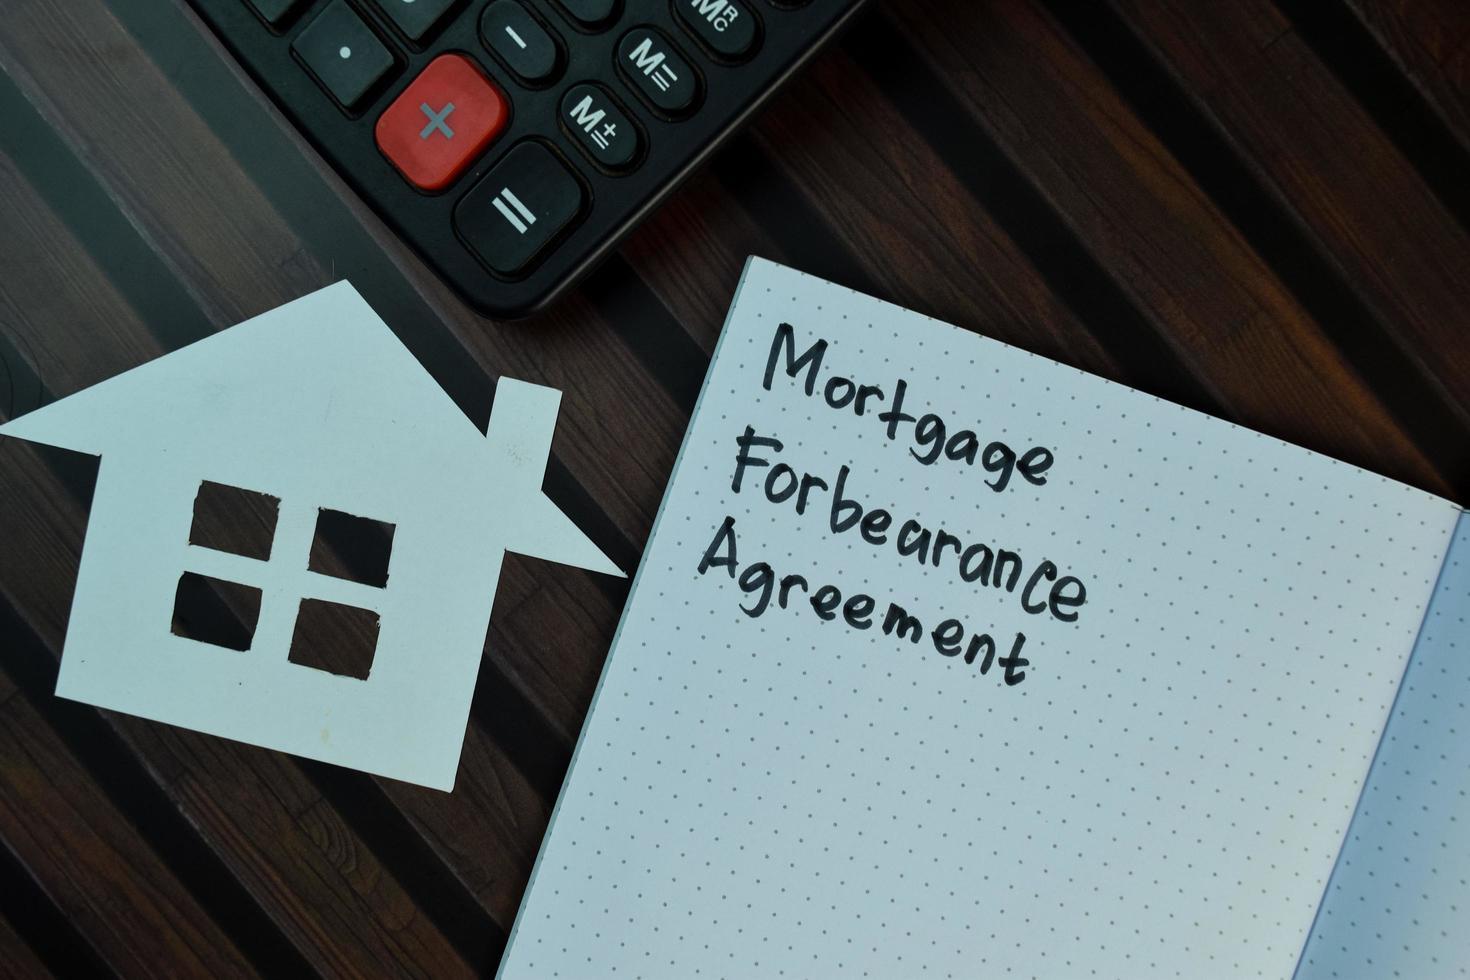 hypotheek respijtovereenkomst geschreven op notitie geïsoleerd op houten tafel foto